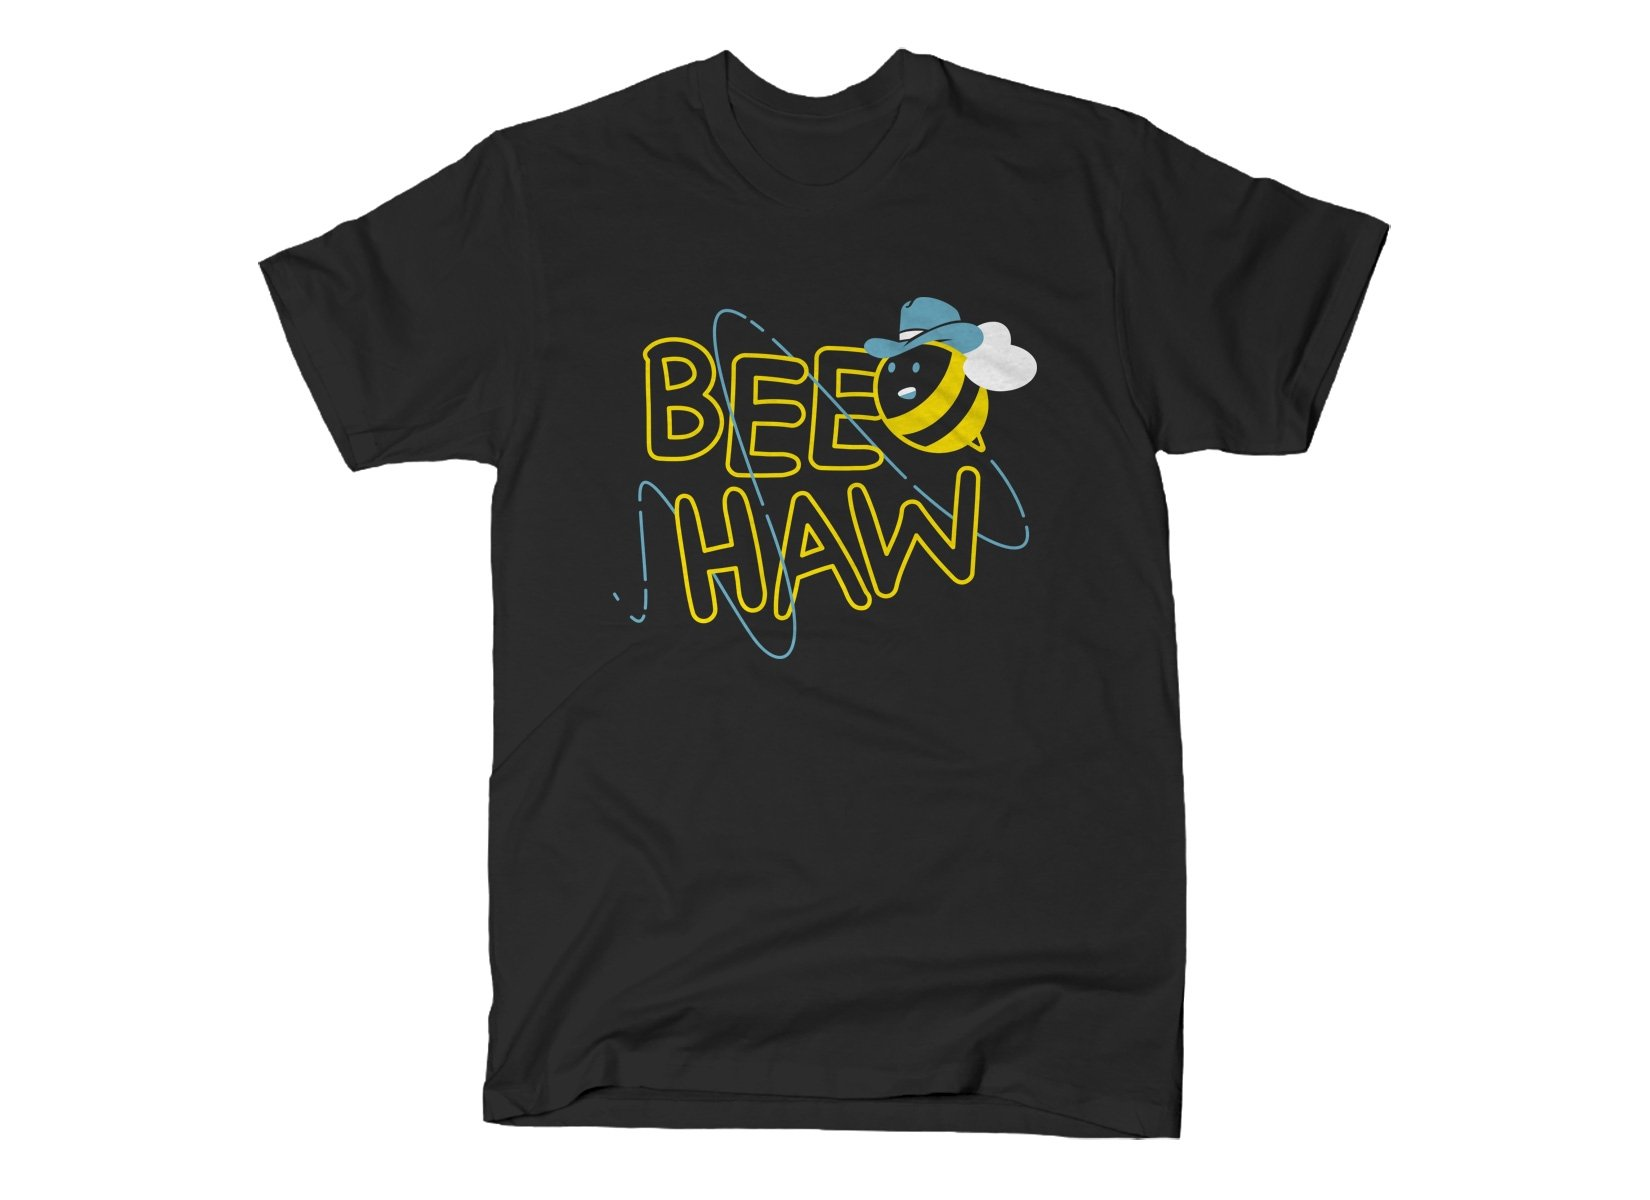 Bee Haw